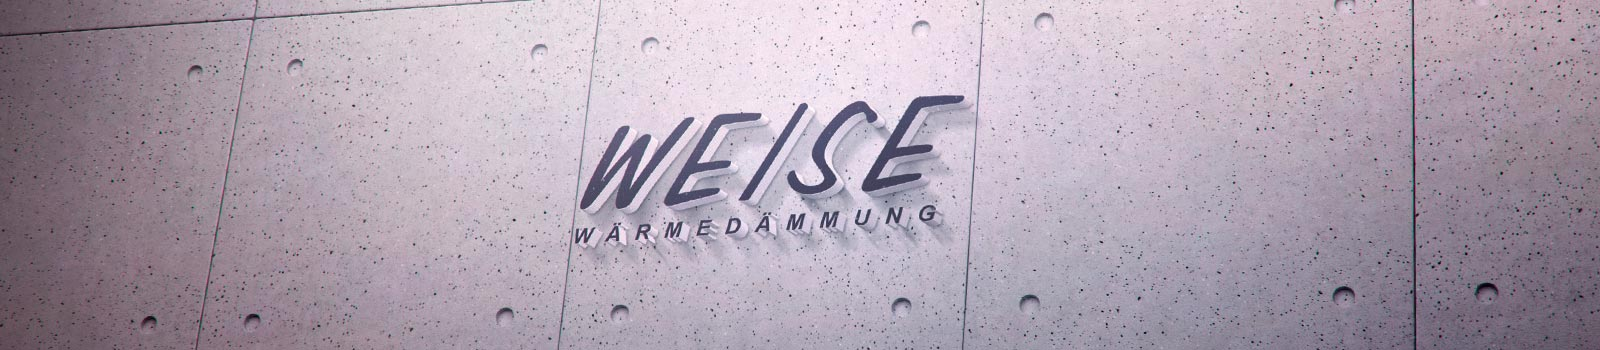 Weise Wärmedämmung und Fassaden GmbH Logo auf einer Fassade